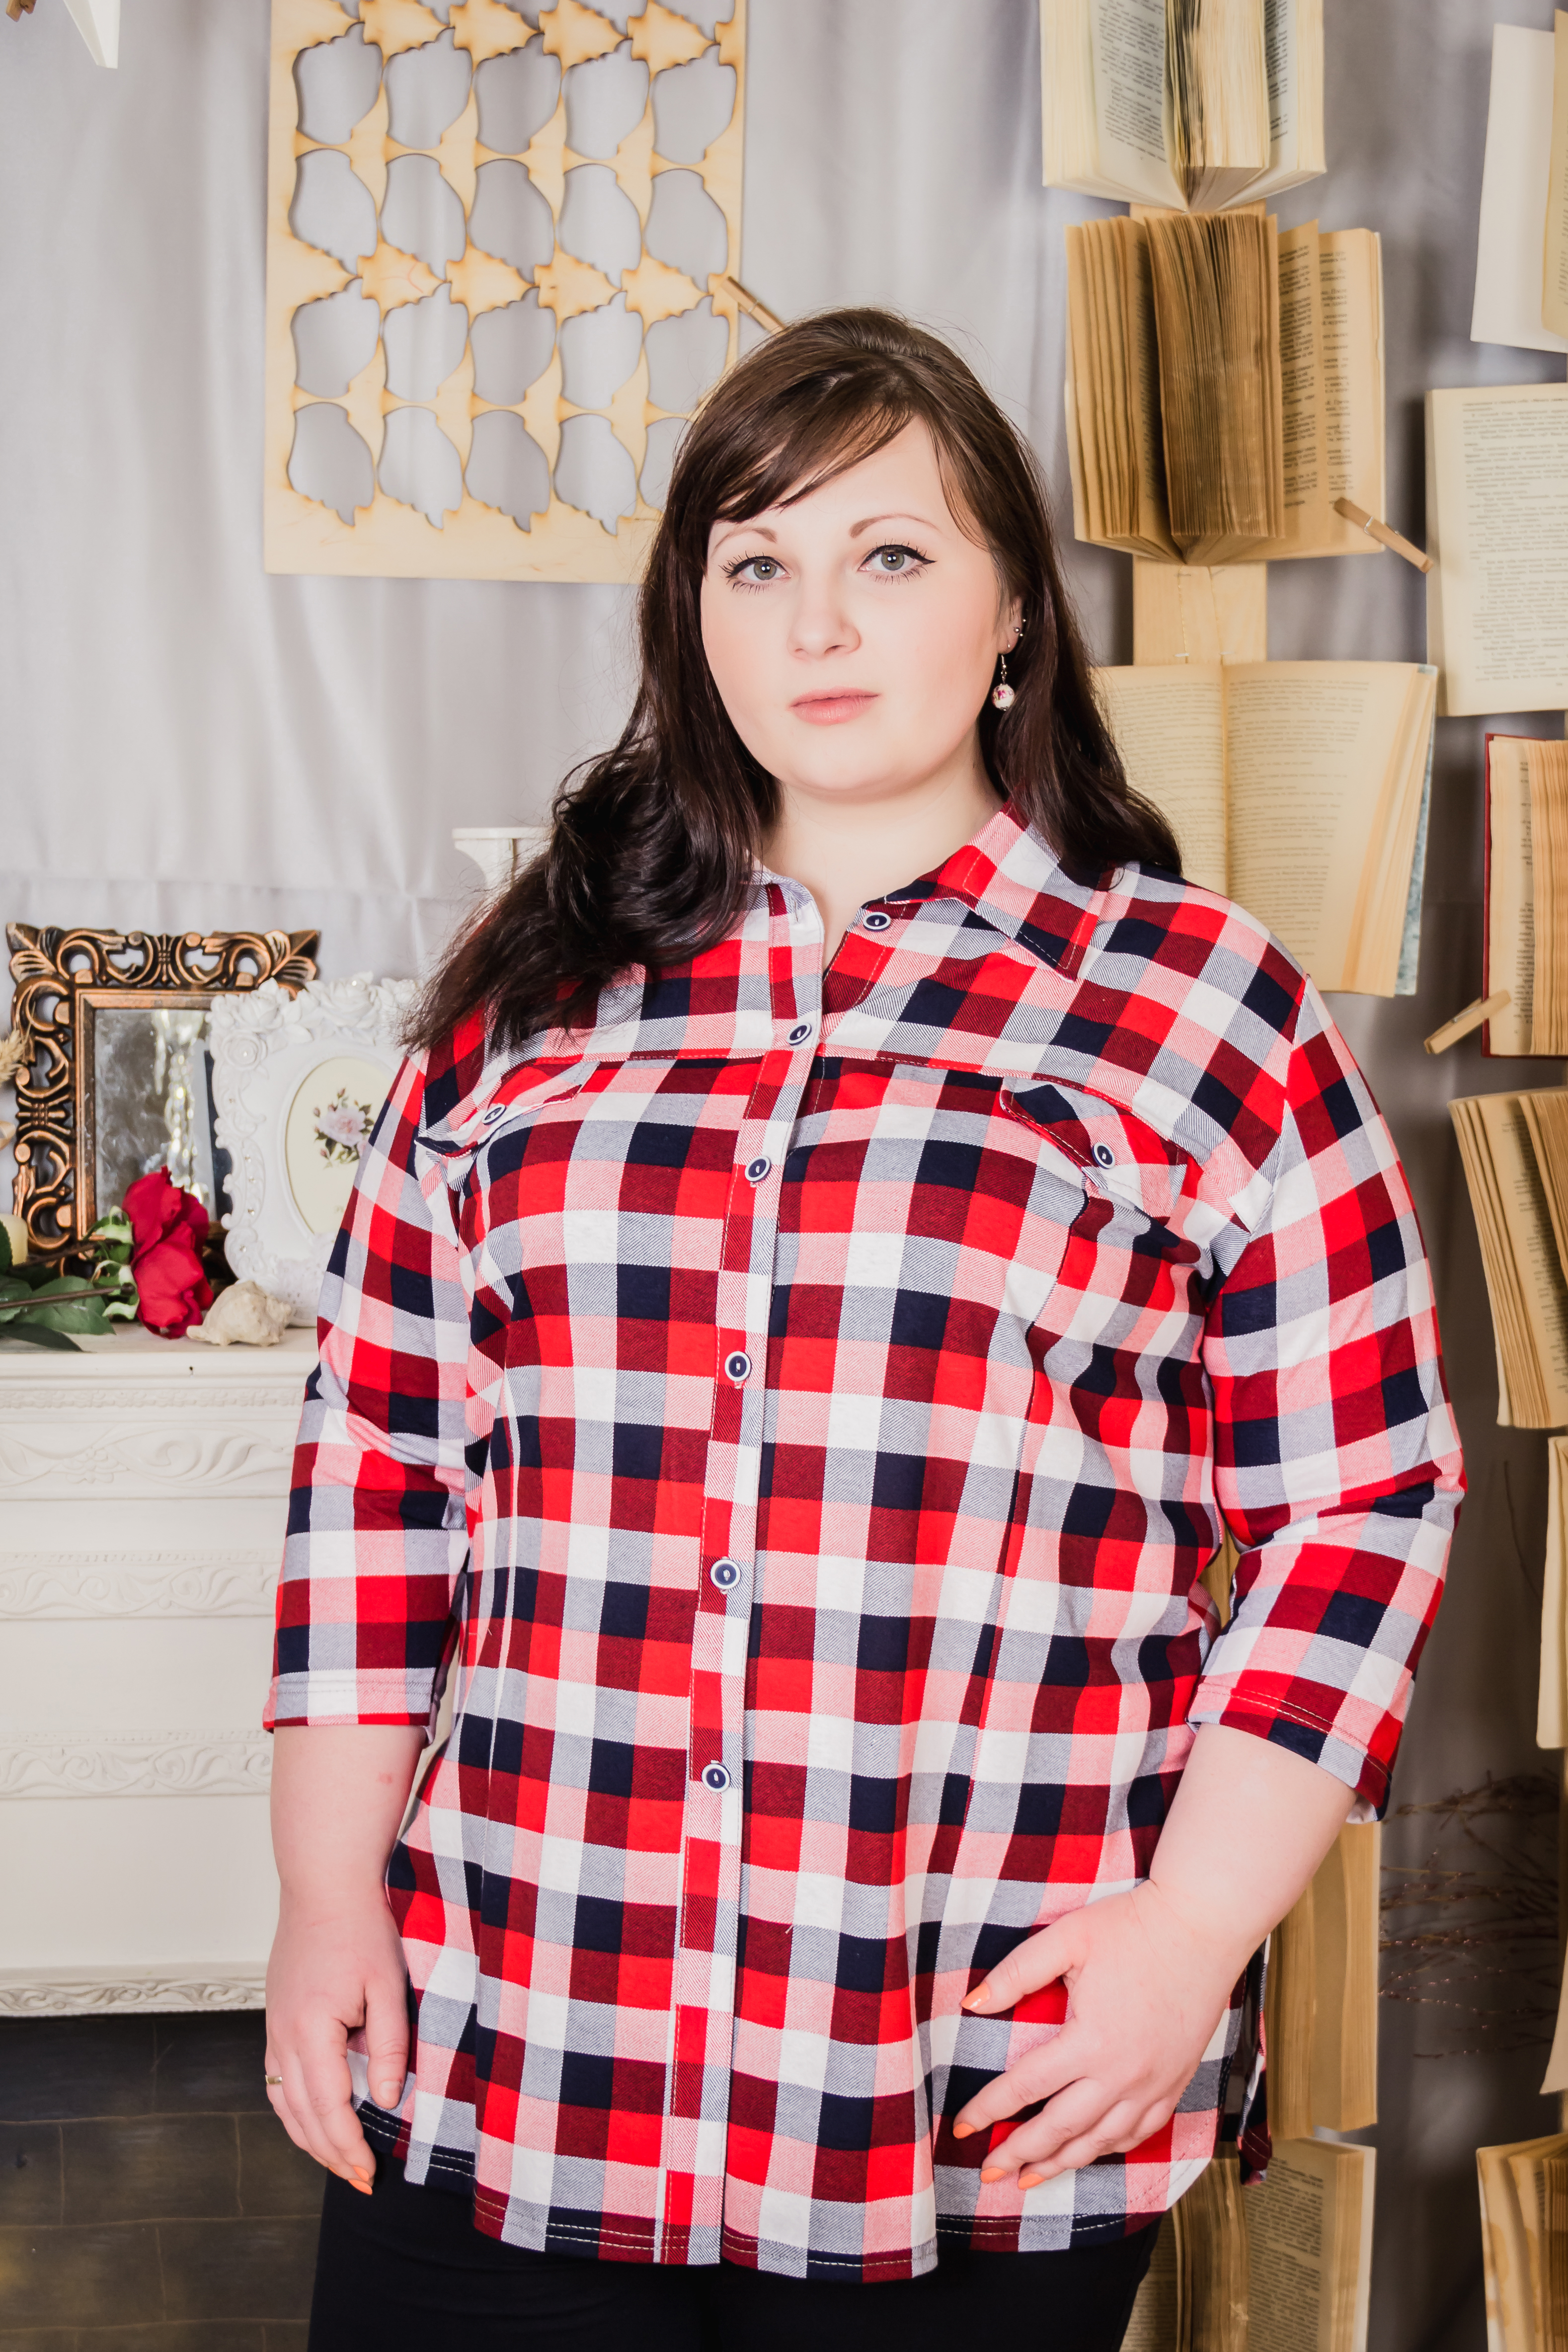 Изображение: Блуза-рубашка женская (клетка)